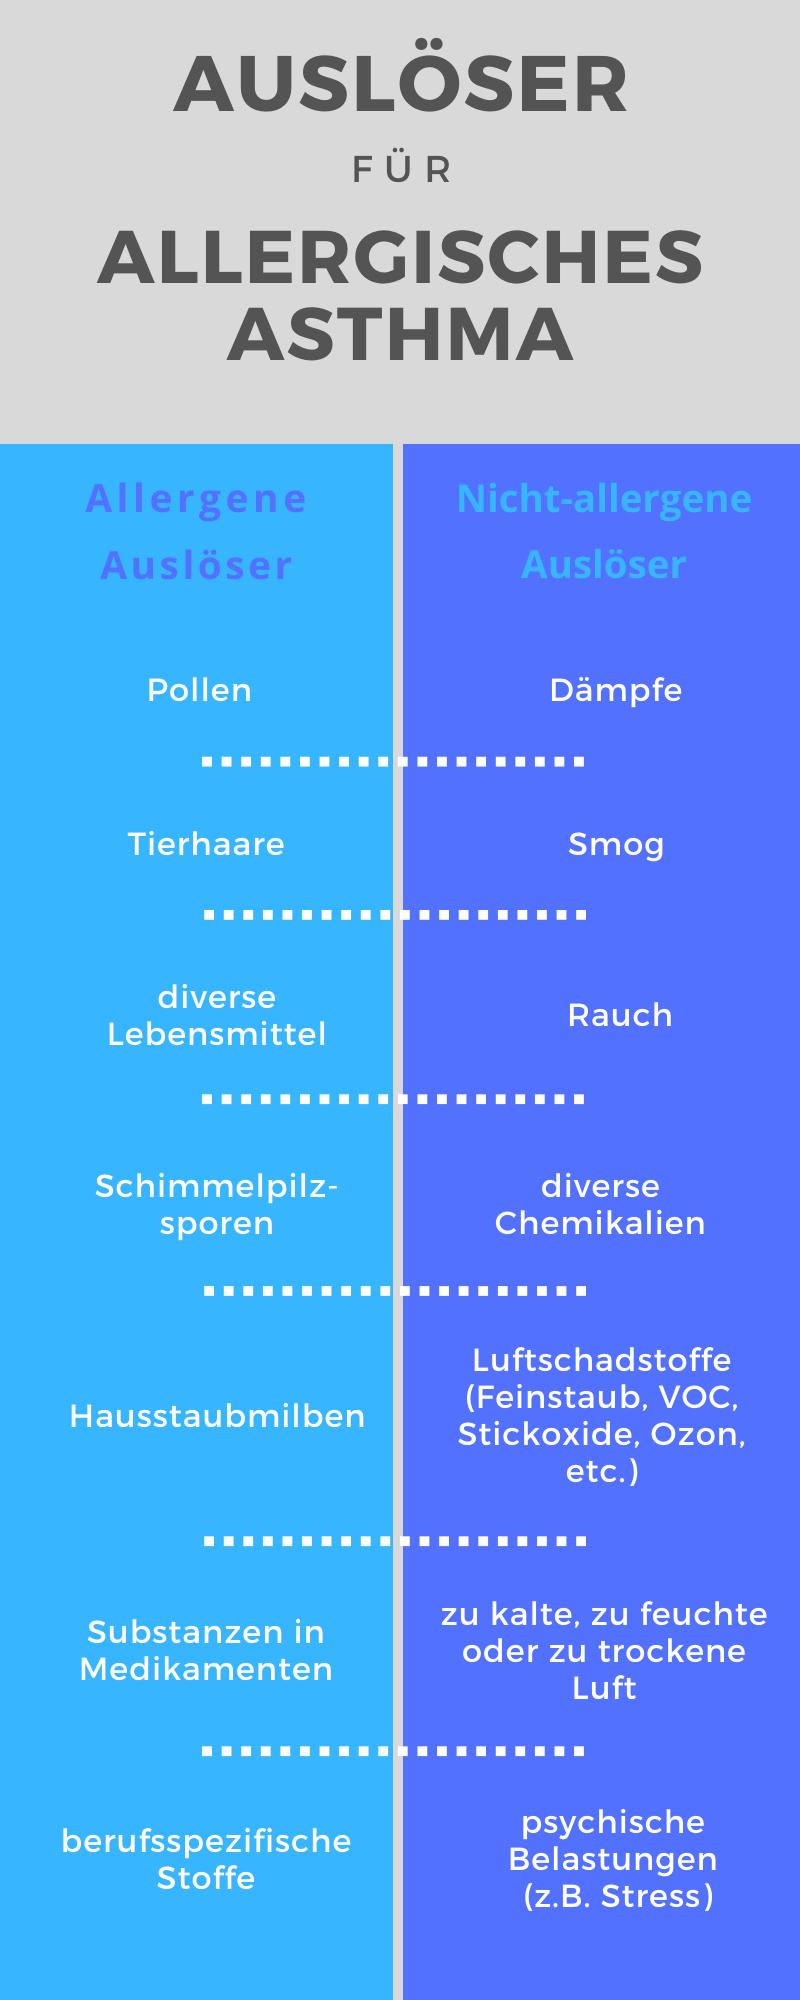 Auslöser für Allergisches Asthma